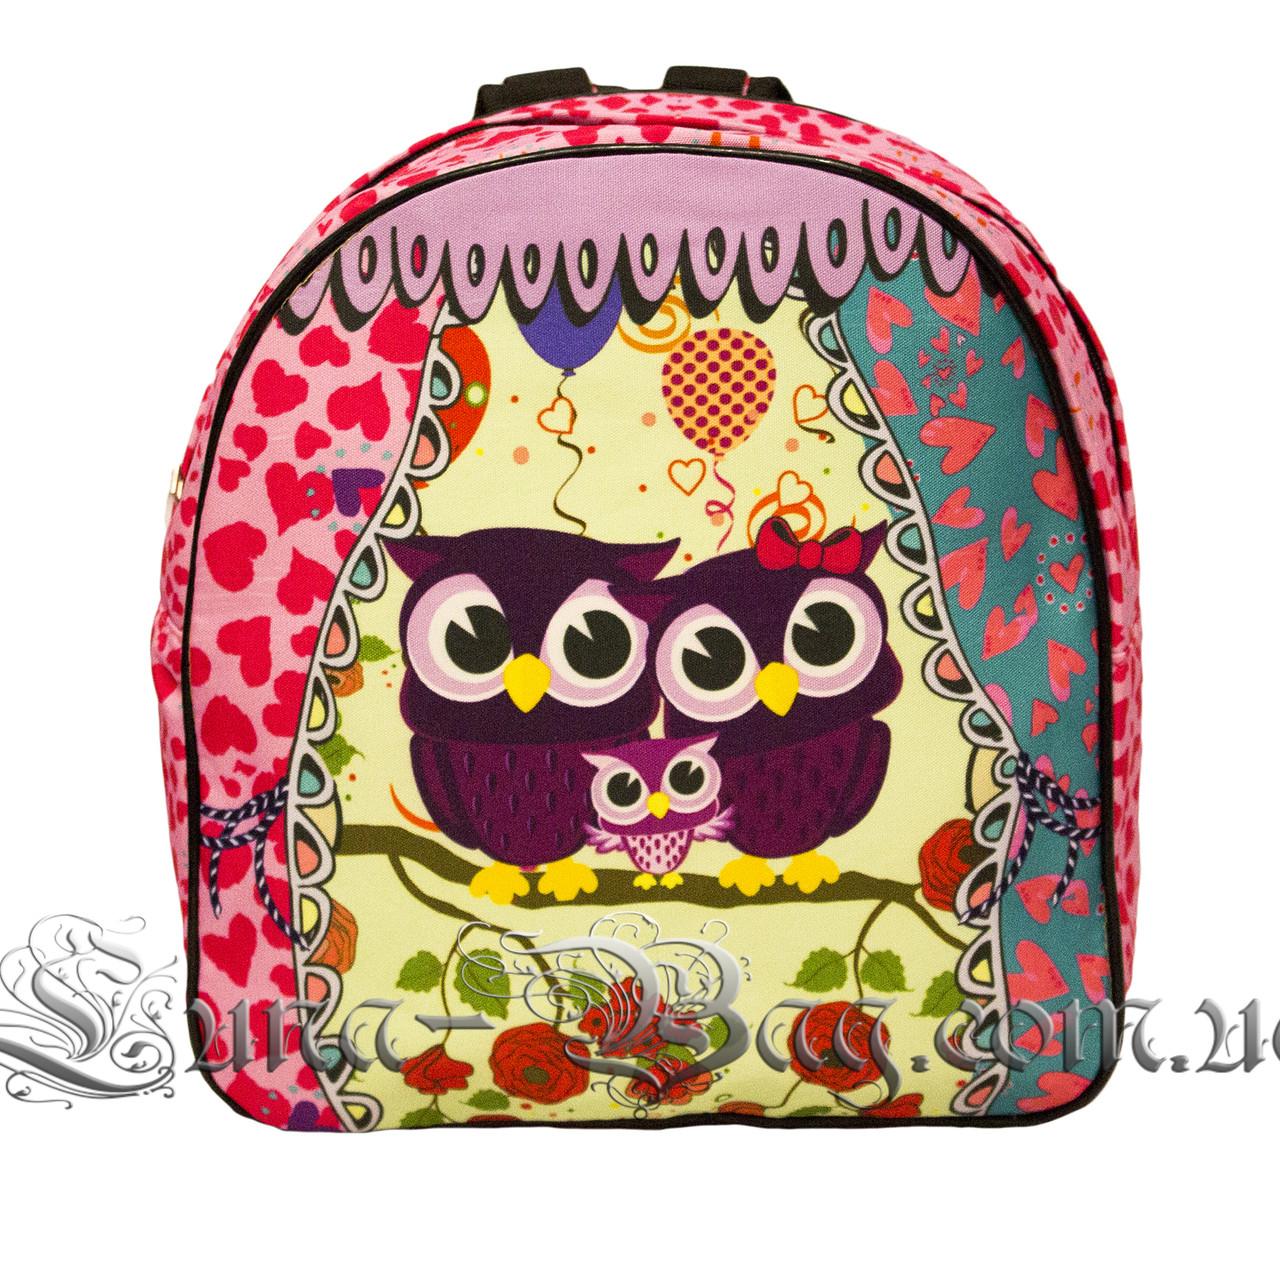 Яскравий літній рюкзак Bright owls 4 Кольори . Малиновий (29x27x11 див.)